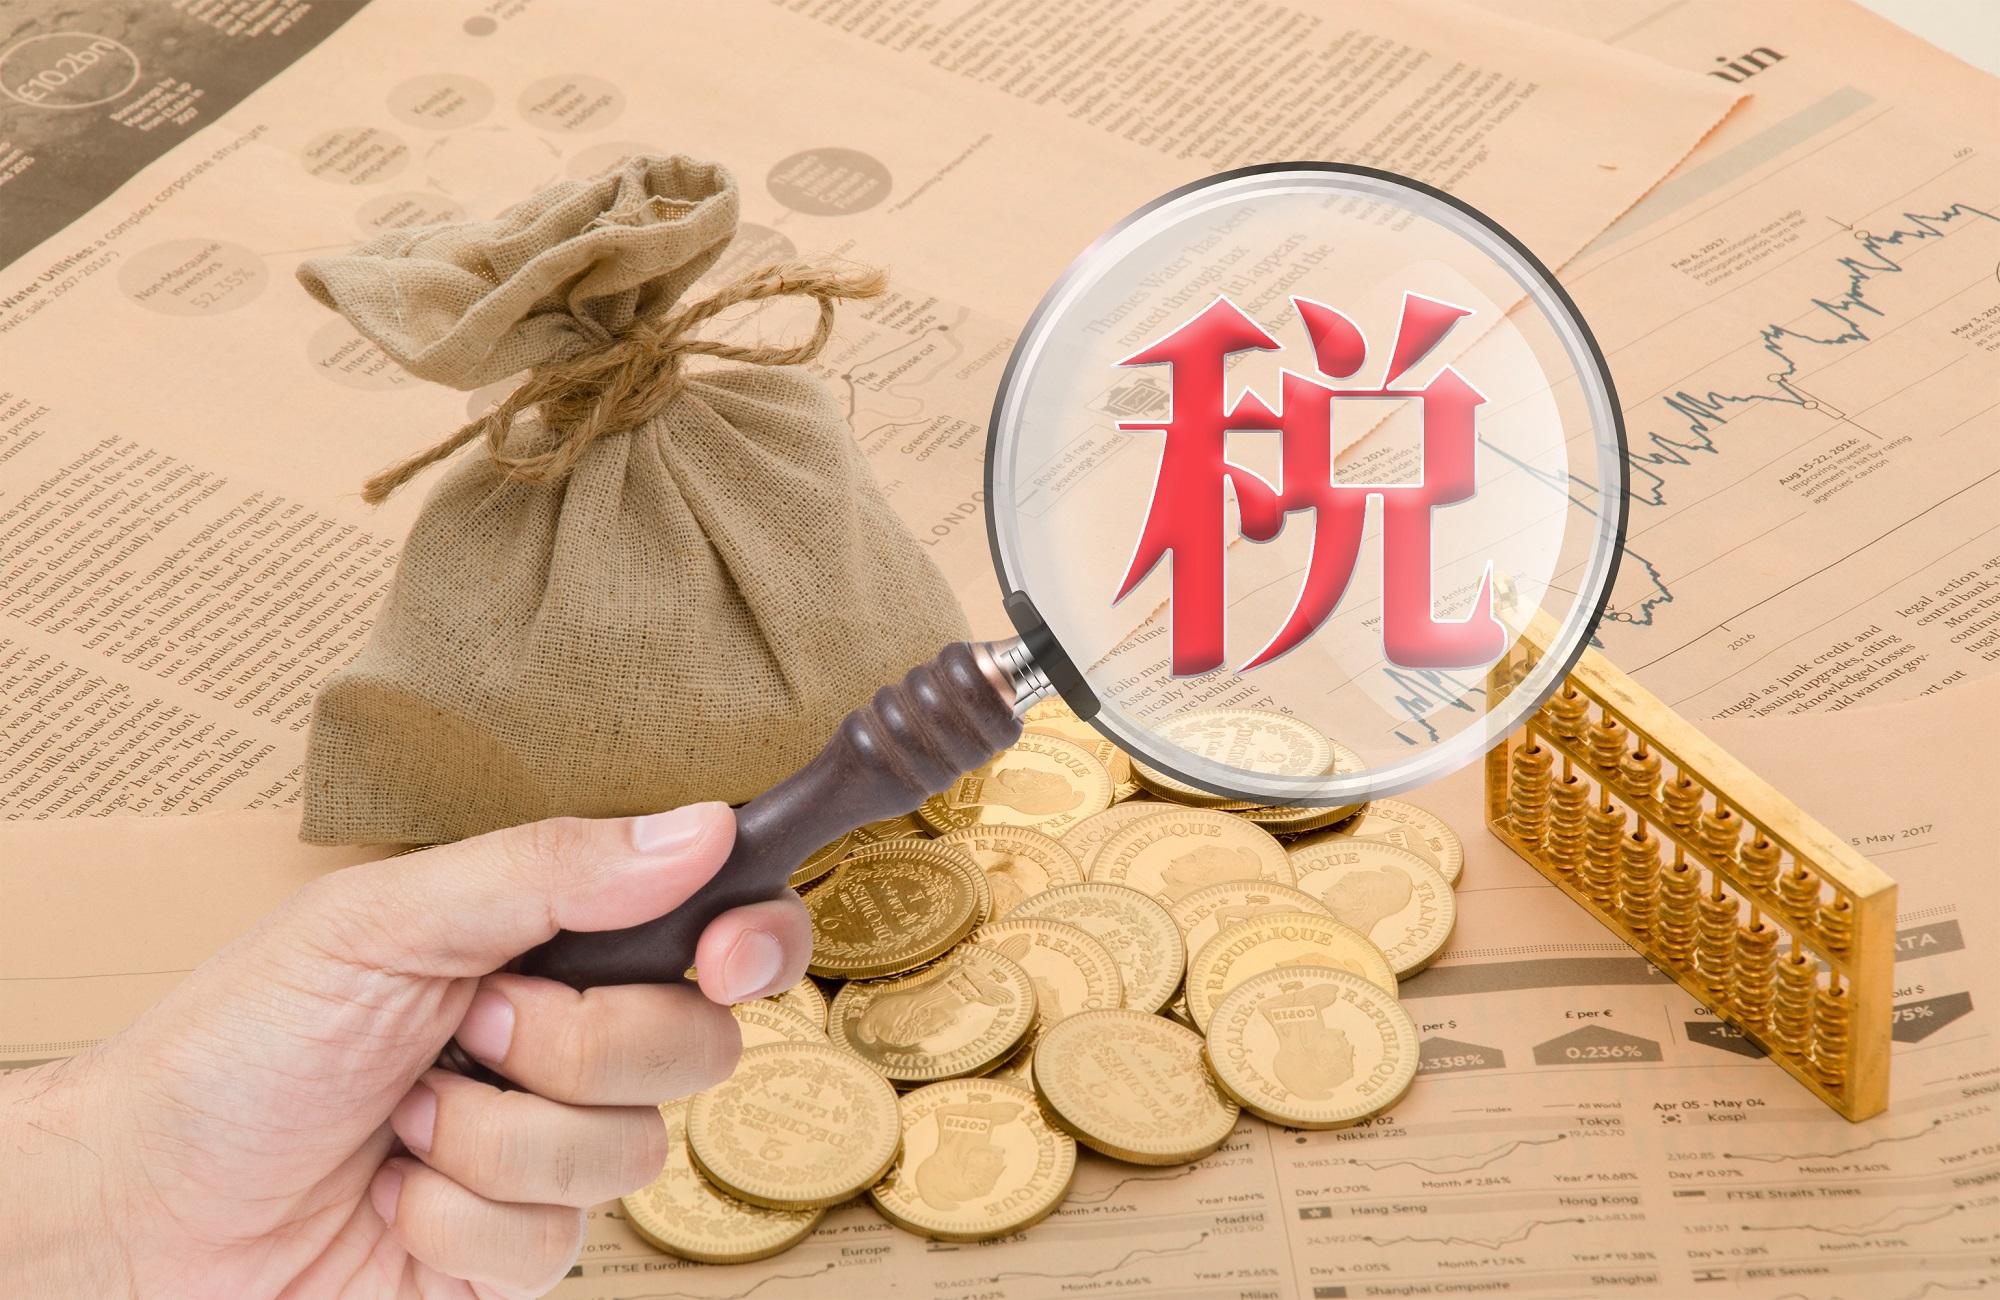 摄图网_500922439_金融税收背景(企业商用).jpg